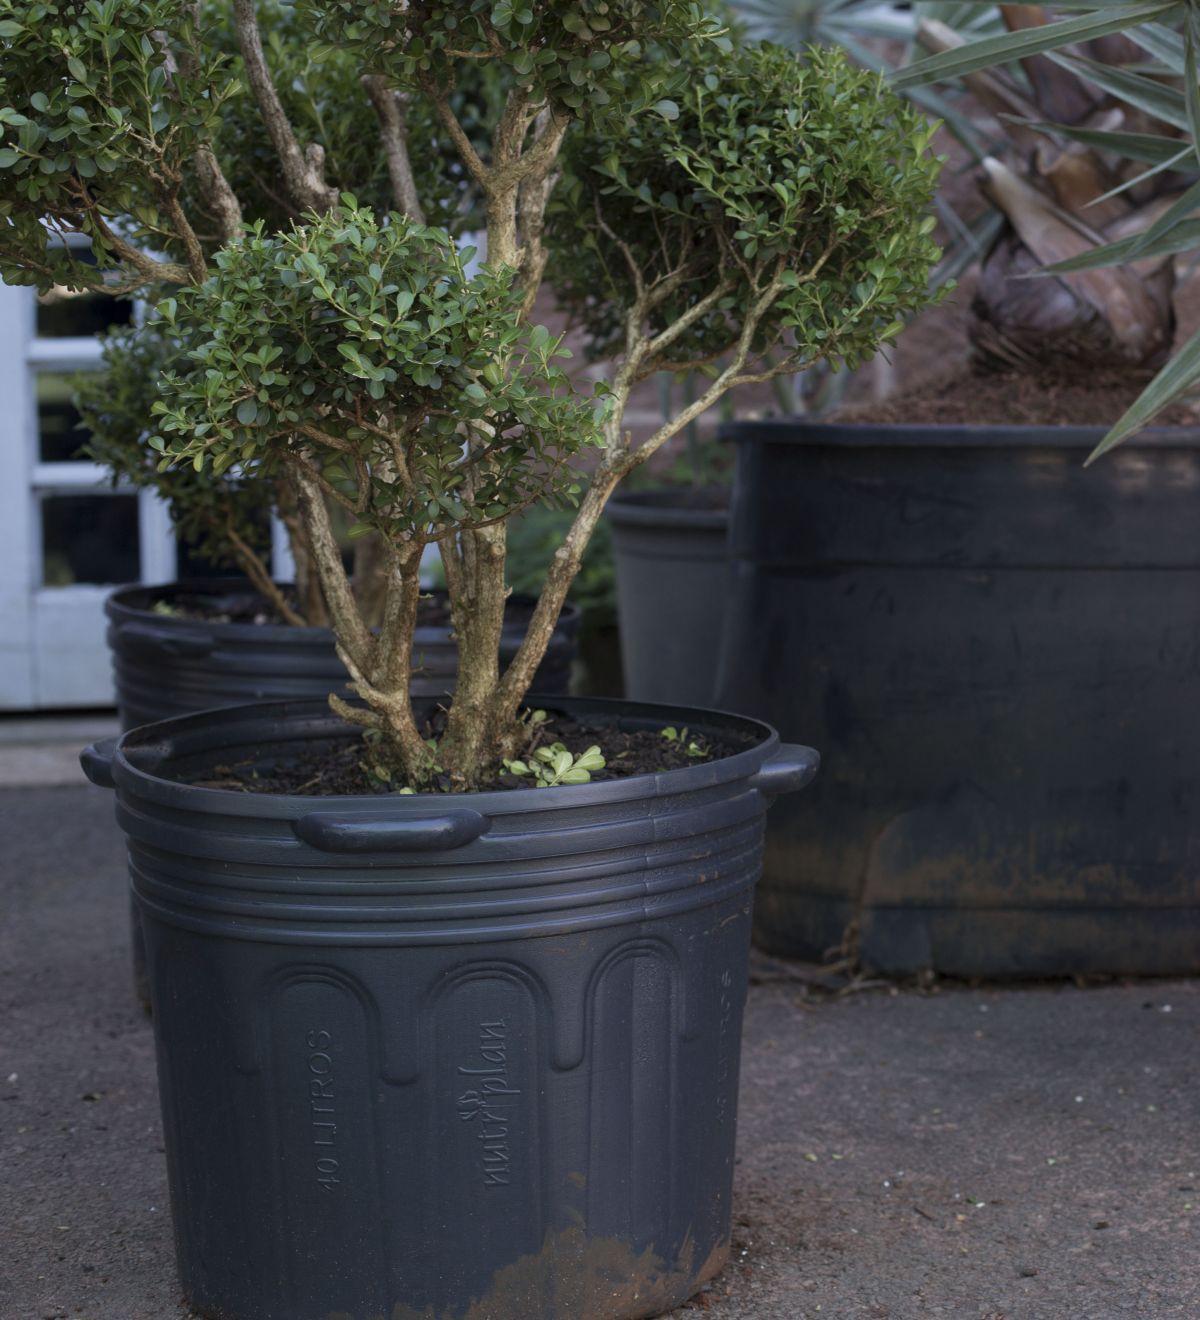 50 Vaso Embalagem para Mudas Plantas Flexível 33L com Alça